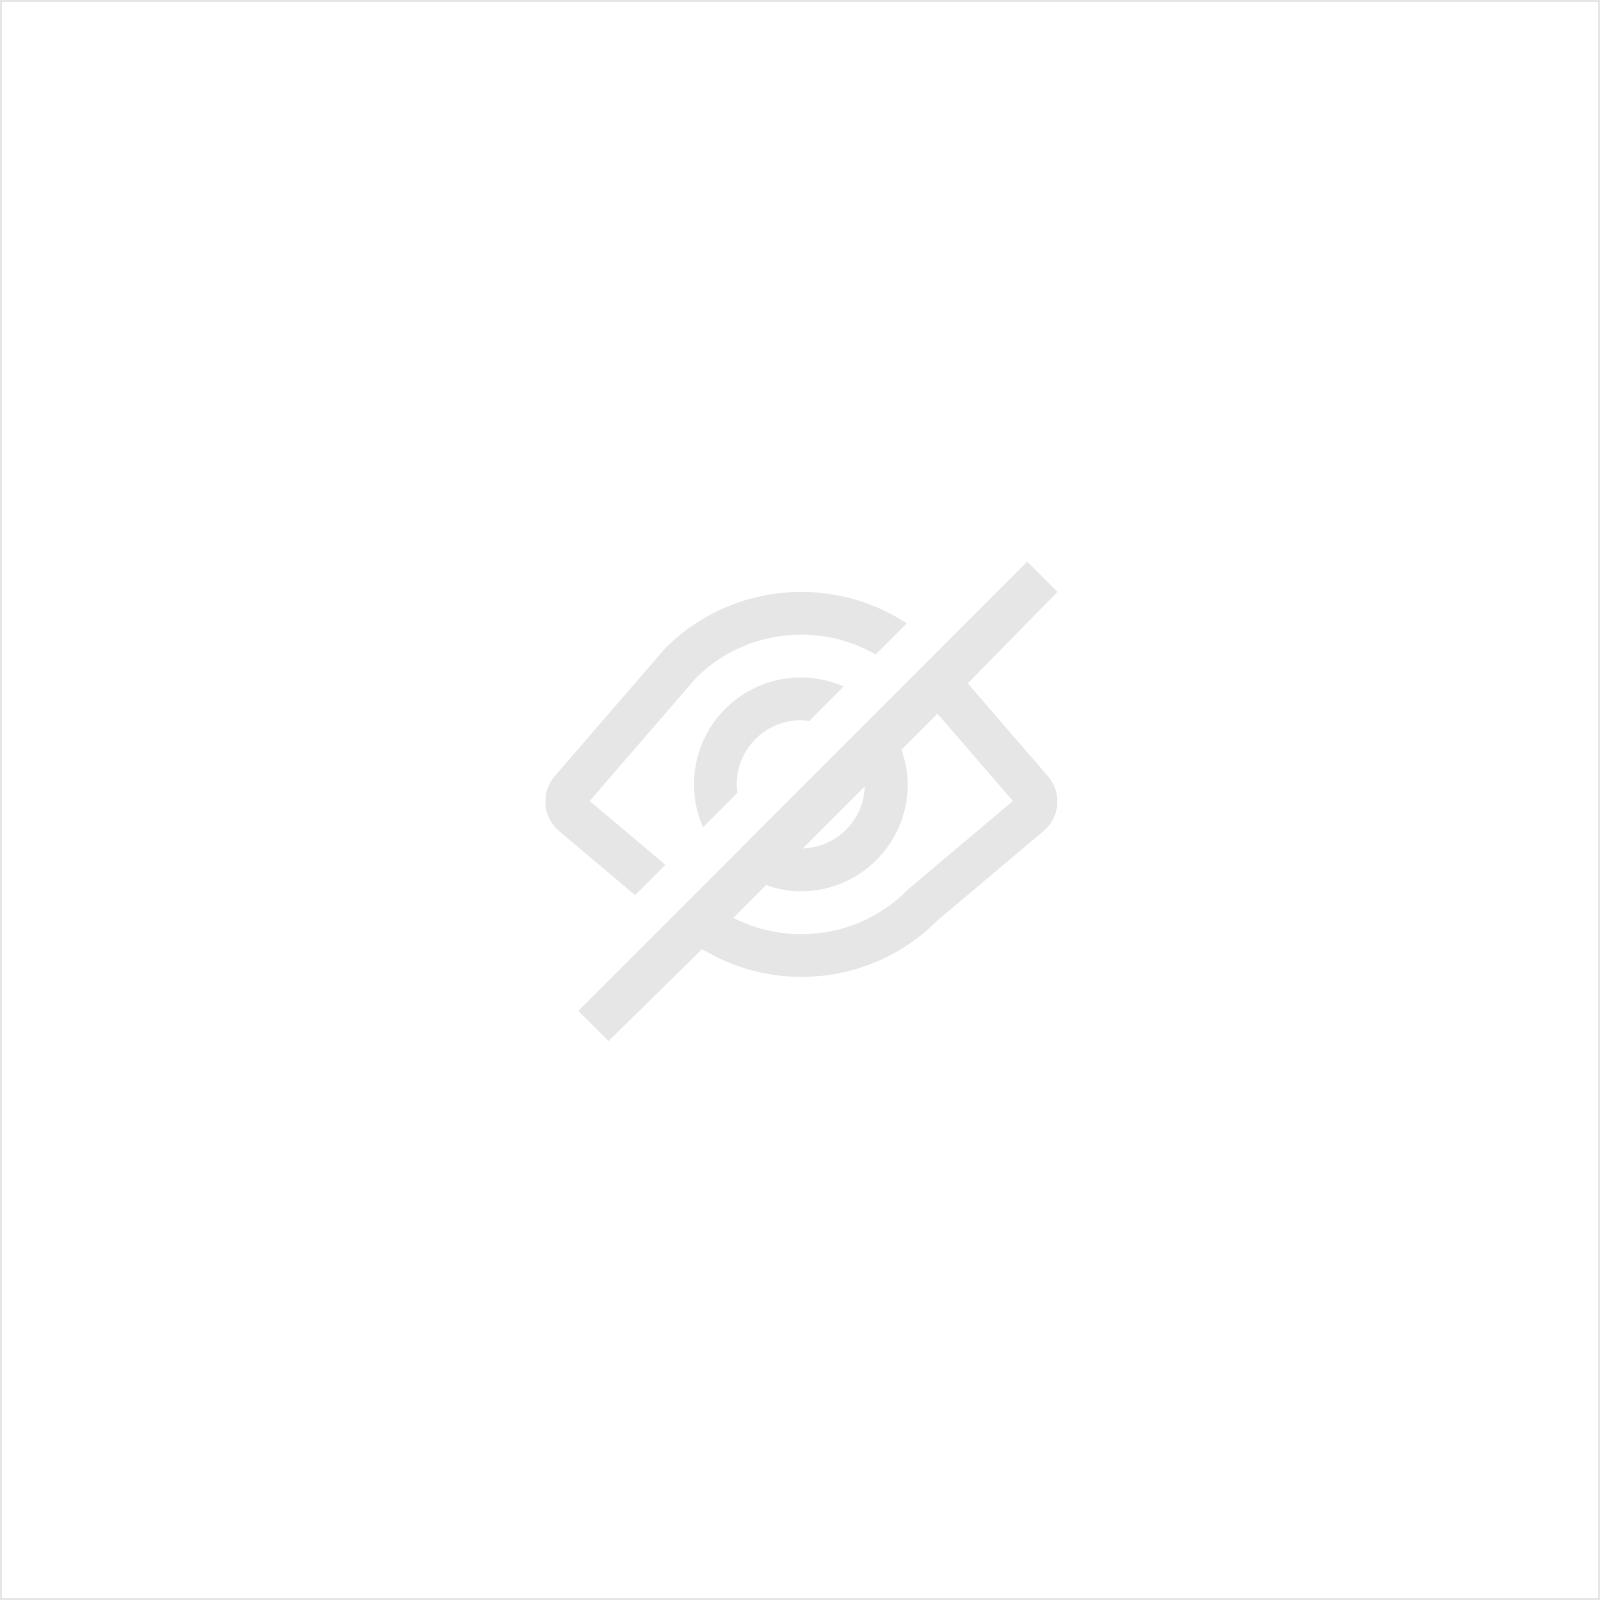 OPTIONEEL ROLPAAR VOOR BOORD EN LIJSTMACHINE 12 MM